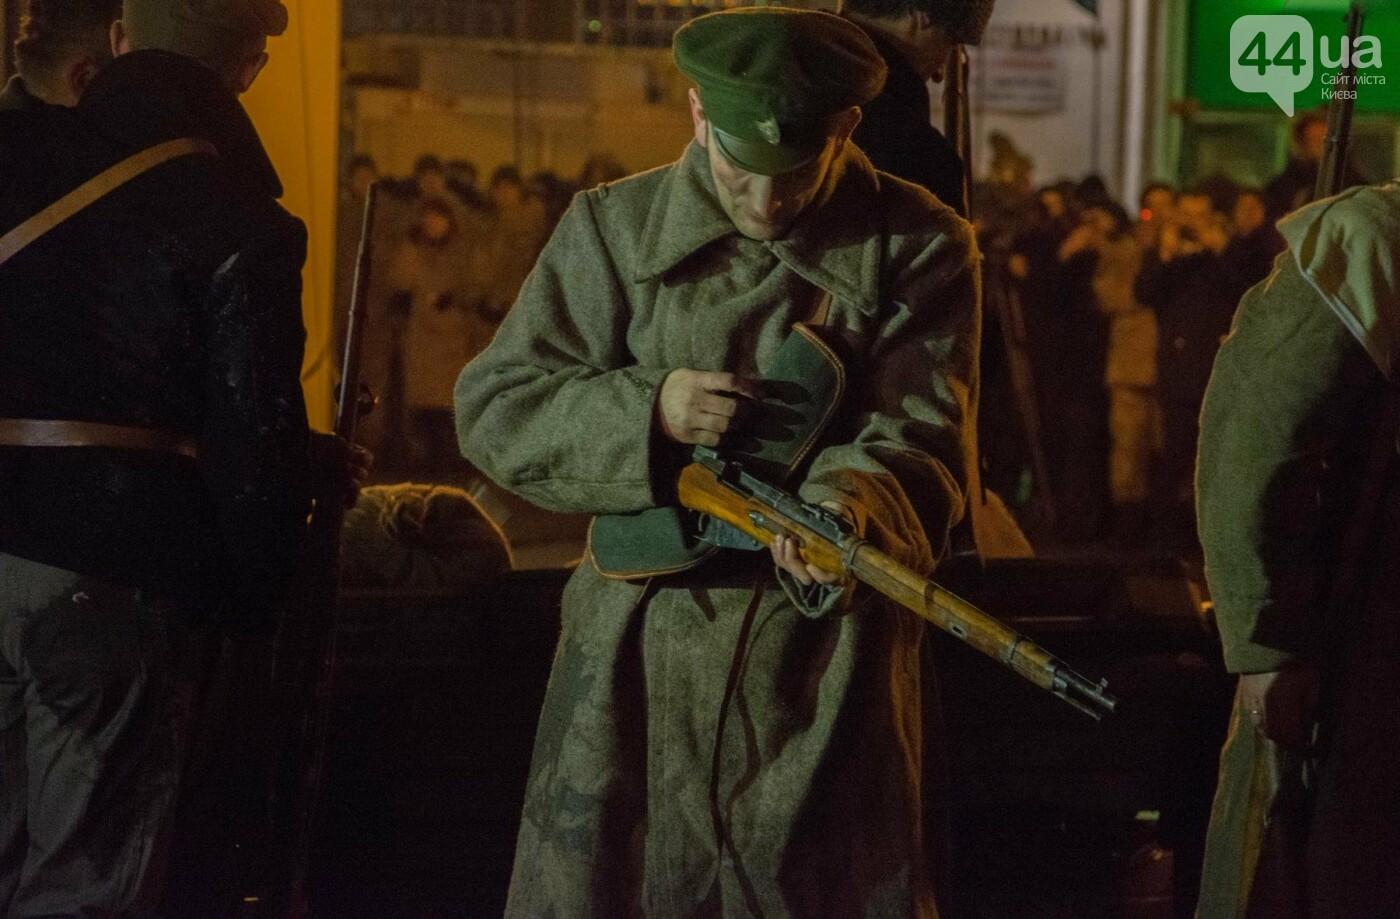 В Киеве провели реконструкцию боя за завод Арсенал (ФОТОРЕПОРТАЖ), фото-16